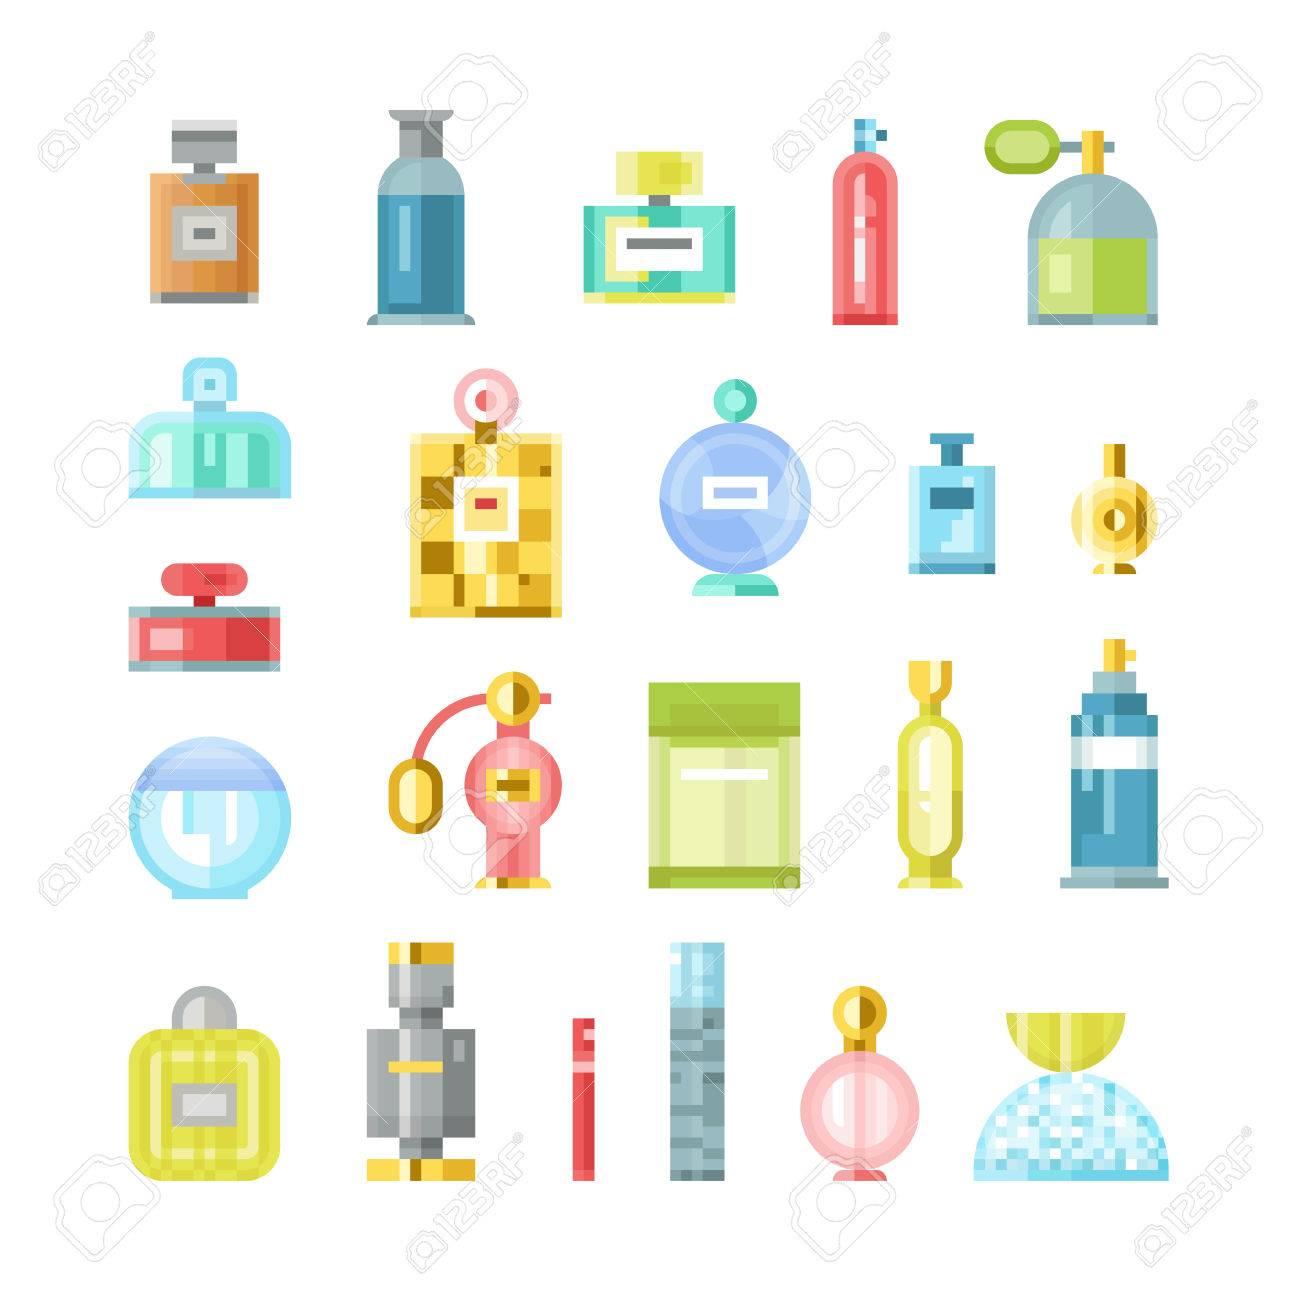 Ensemble De Vecteur De Parfum Contenant De La Mode Odeur Pulvérisation Pixel Art Vector Illustration Des Parfums Symboles élégant Cadeaux De